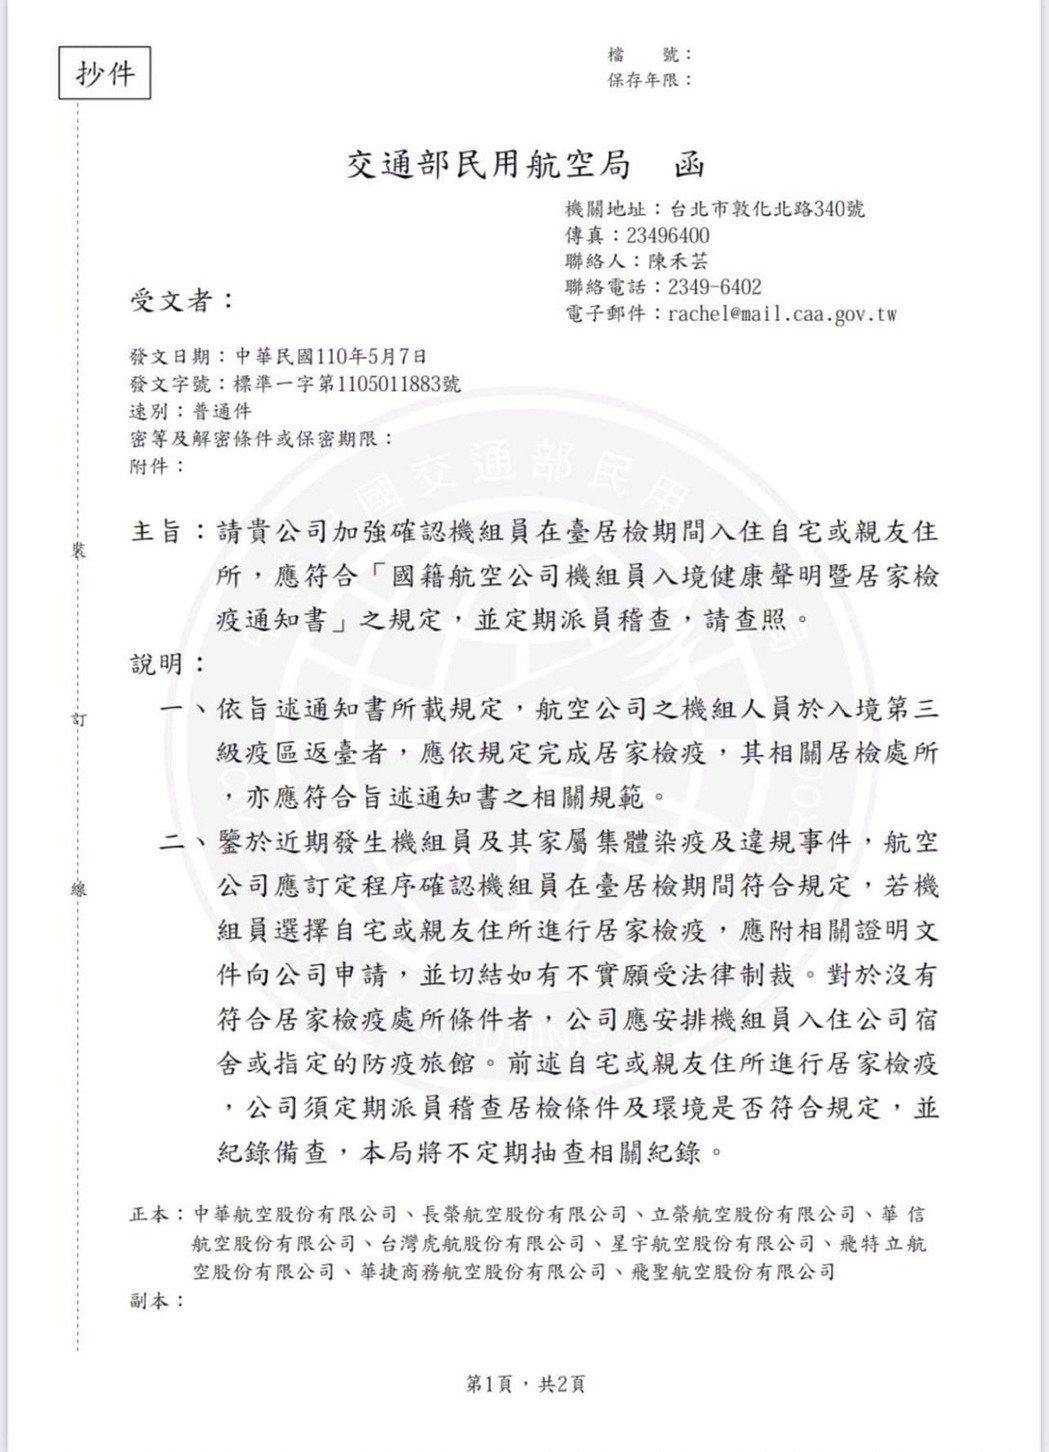 民航局5月7日發函要求航空公司加強確認機組員在台居檢是否符合規定。圖/讀者提供